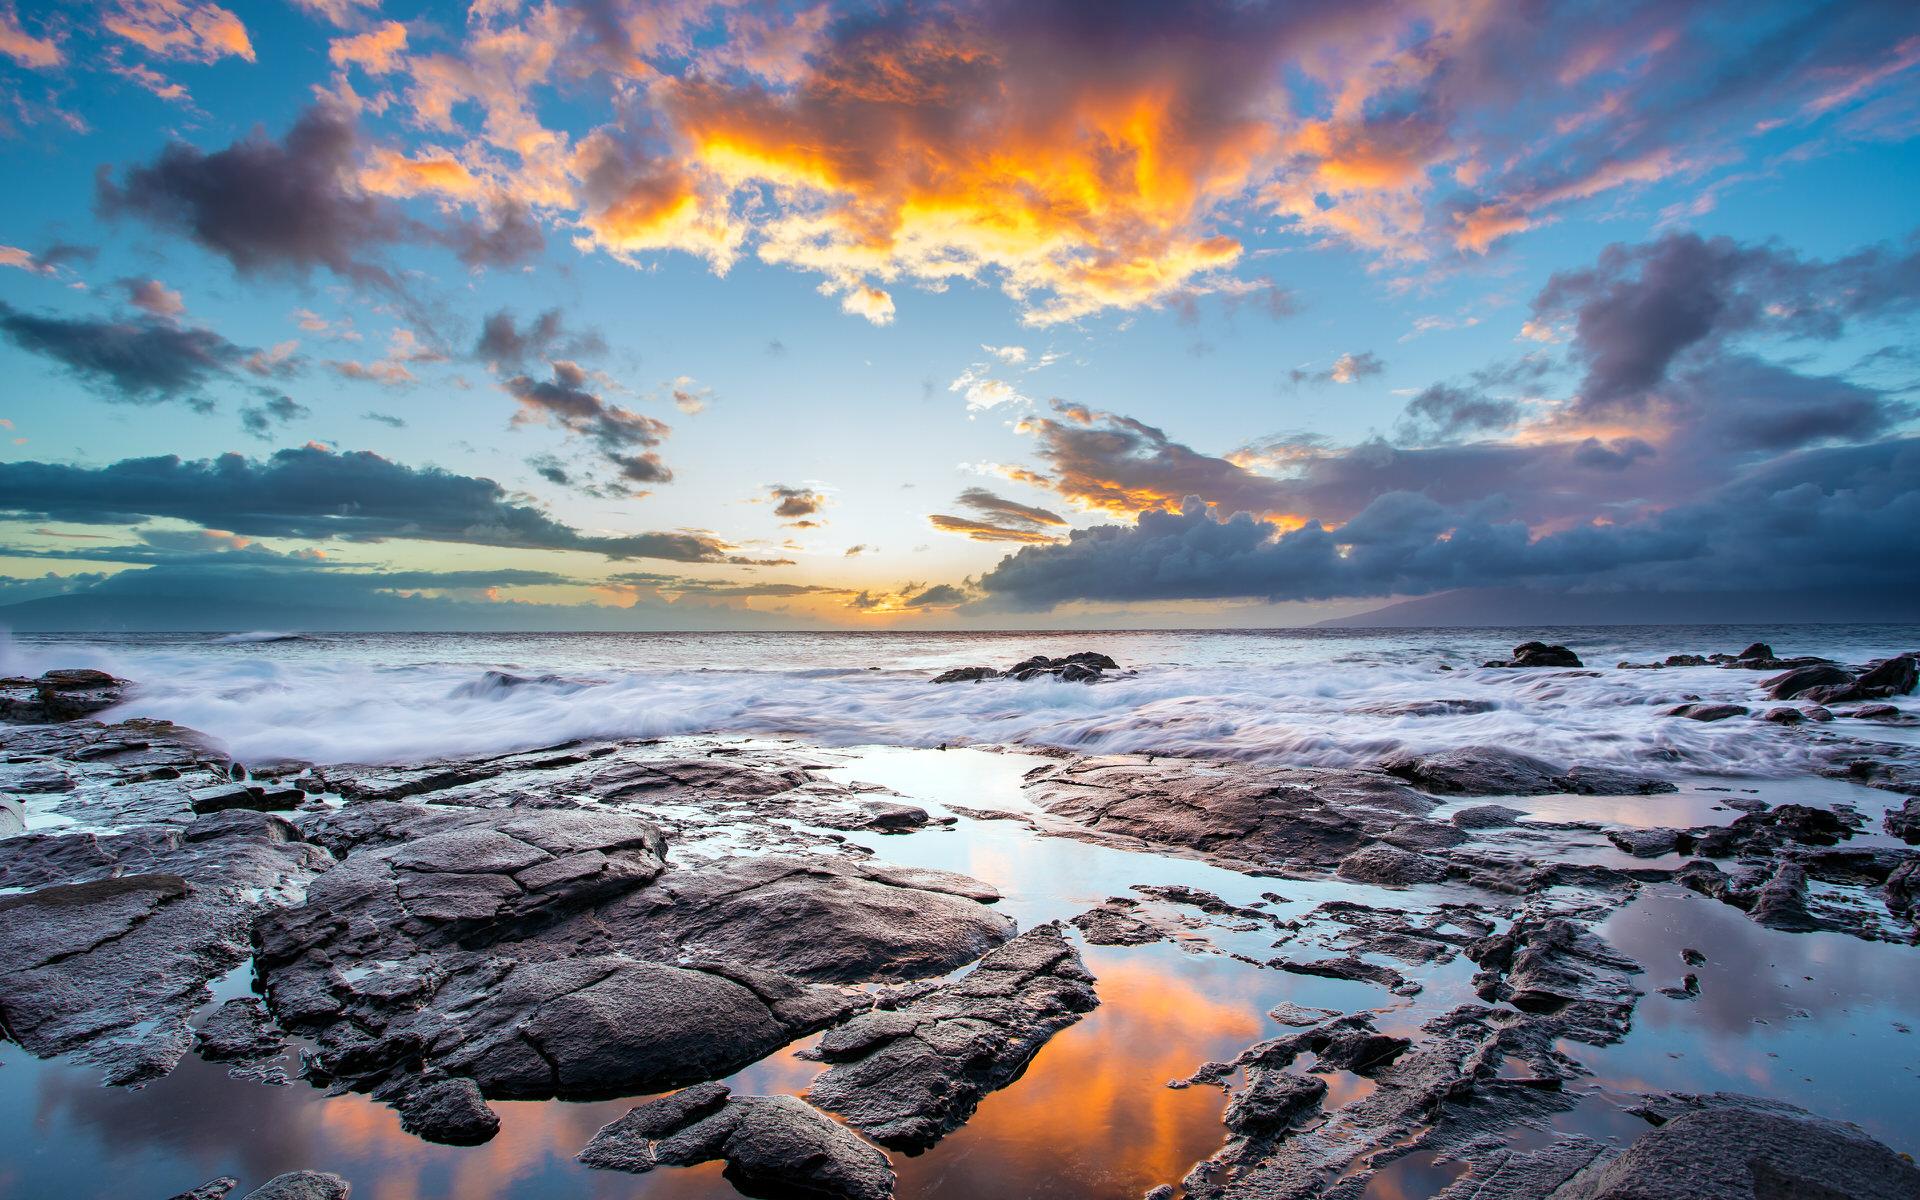 卡帕鲁阿海滩日落高清壁纸